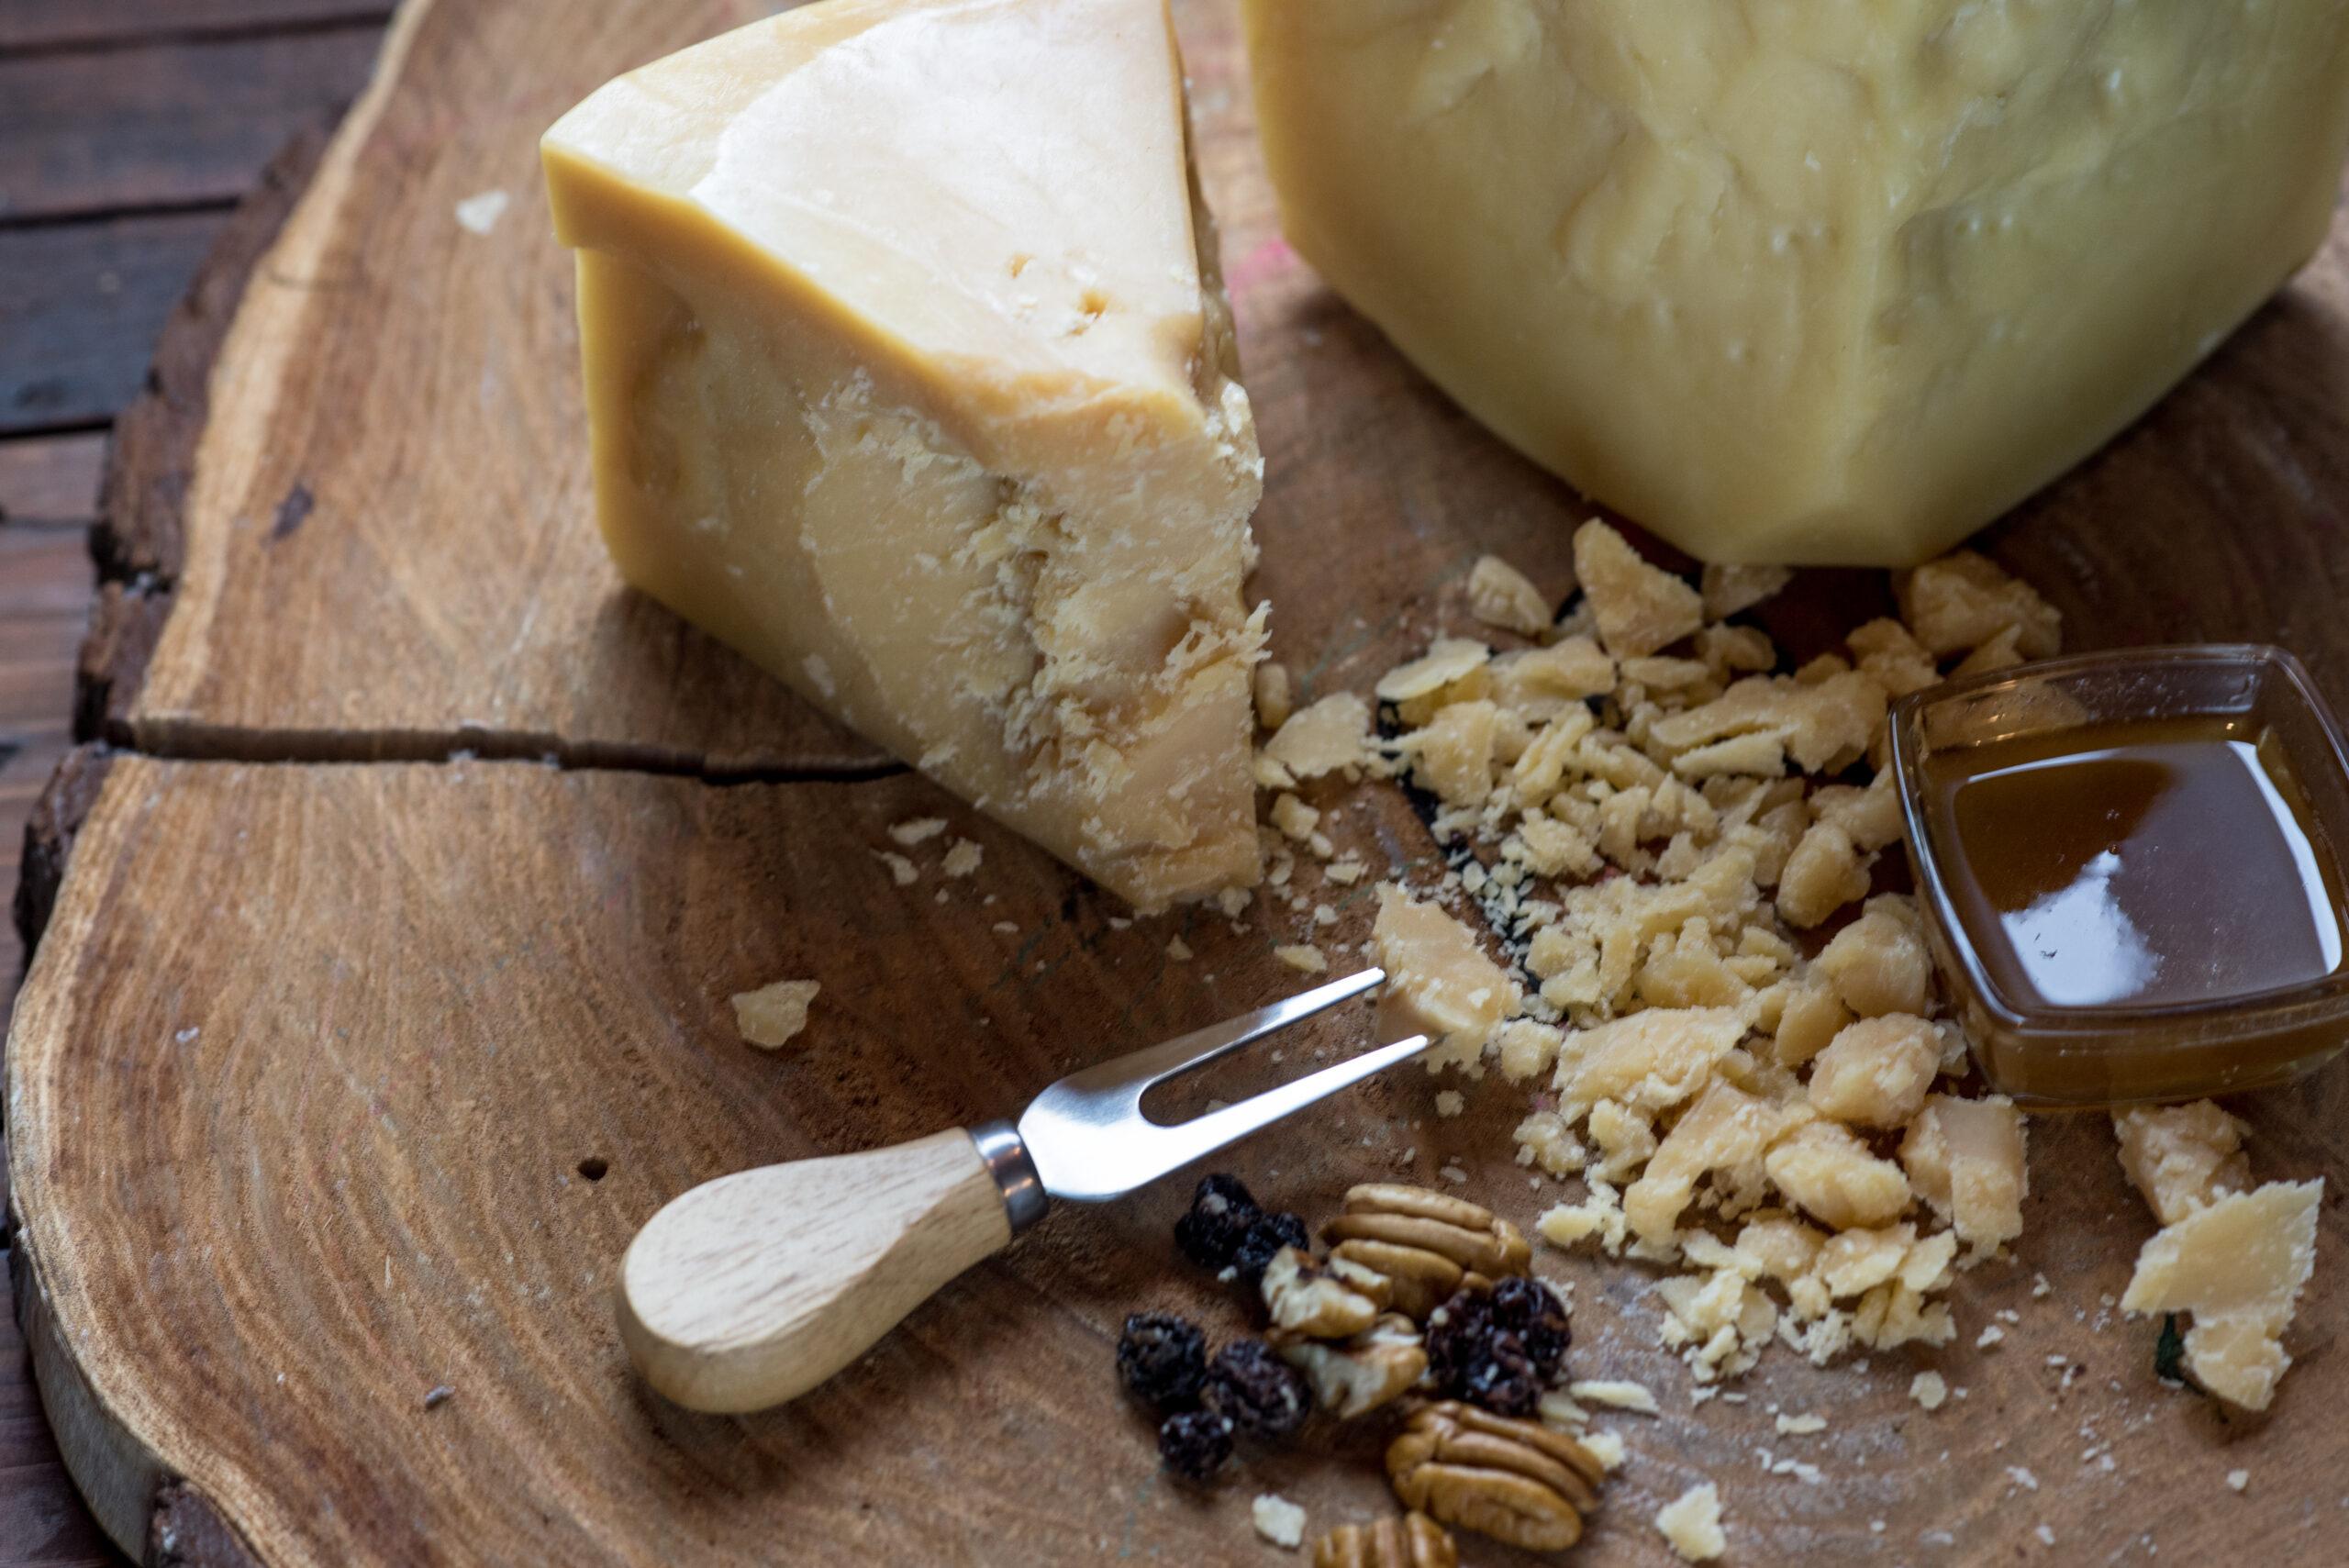 Tec. de Elaboración de Quesos de Pasta Dura (Tipo Sbrinz o Parmesano)